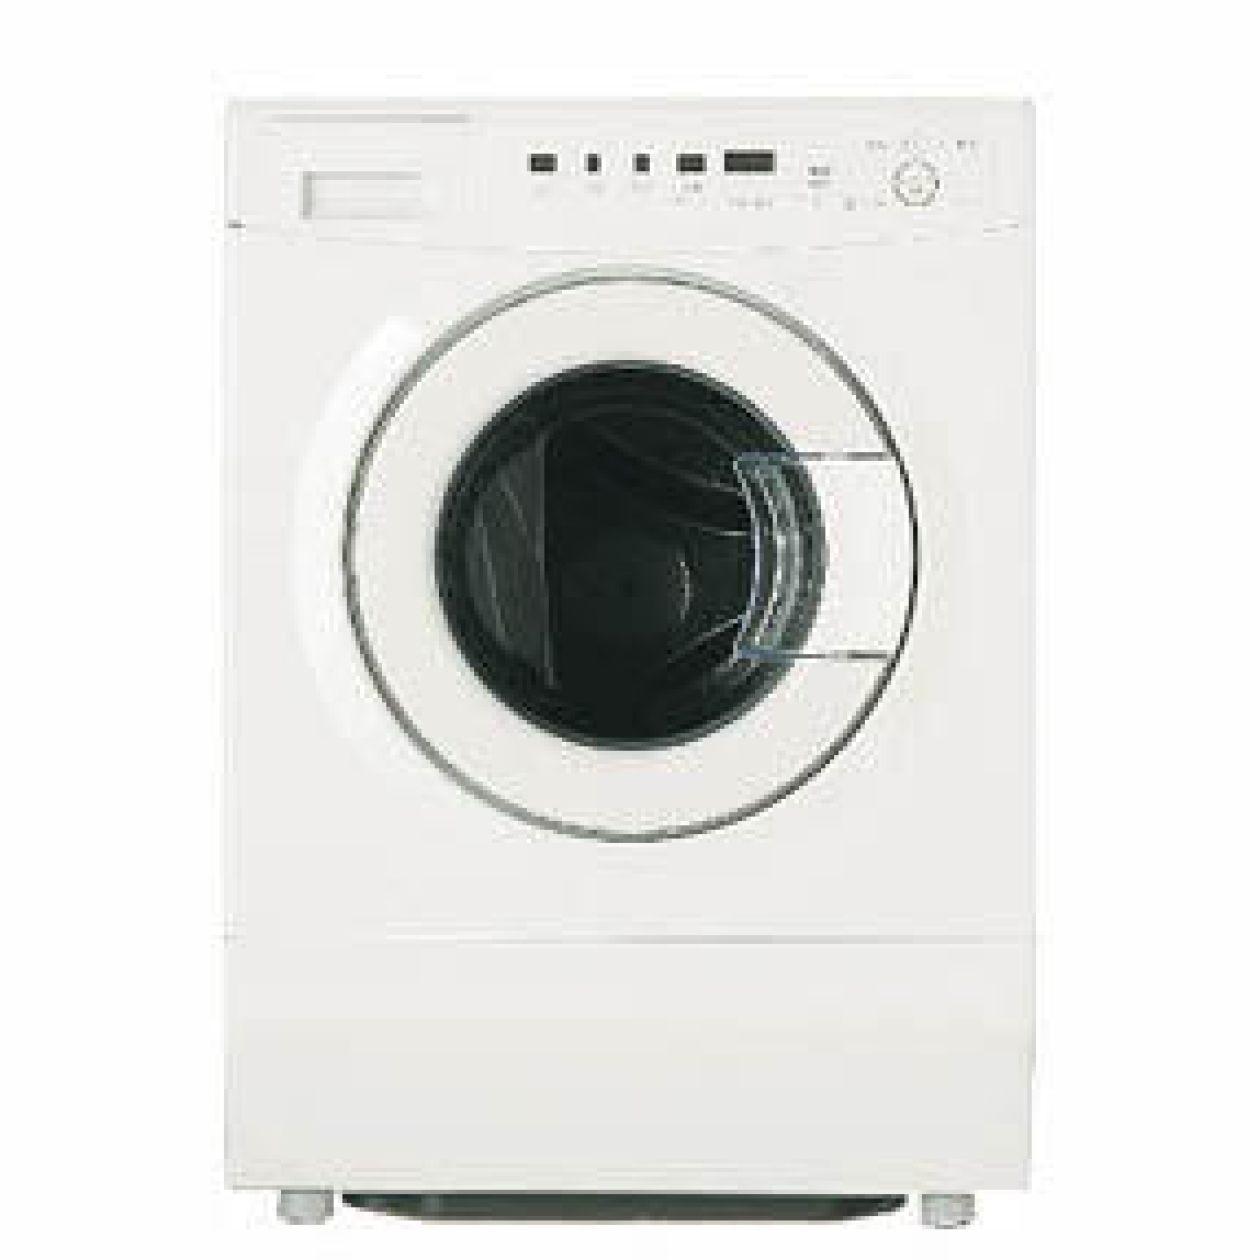 ドラム式洗濯乾燥機・8kg